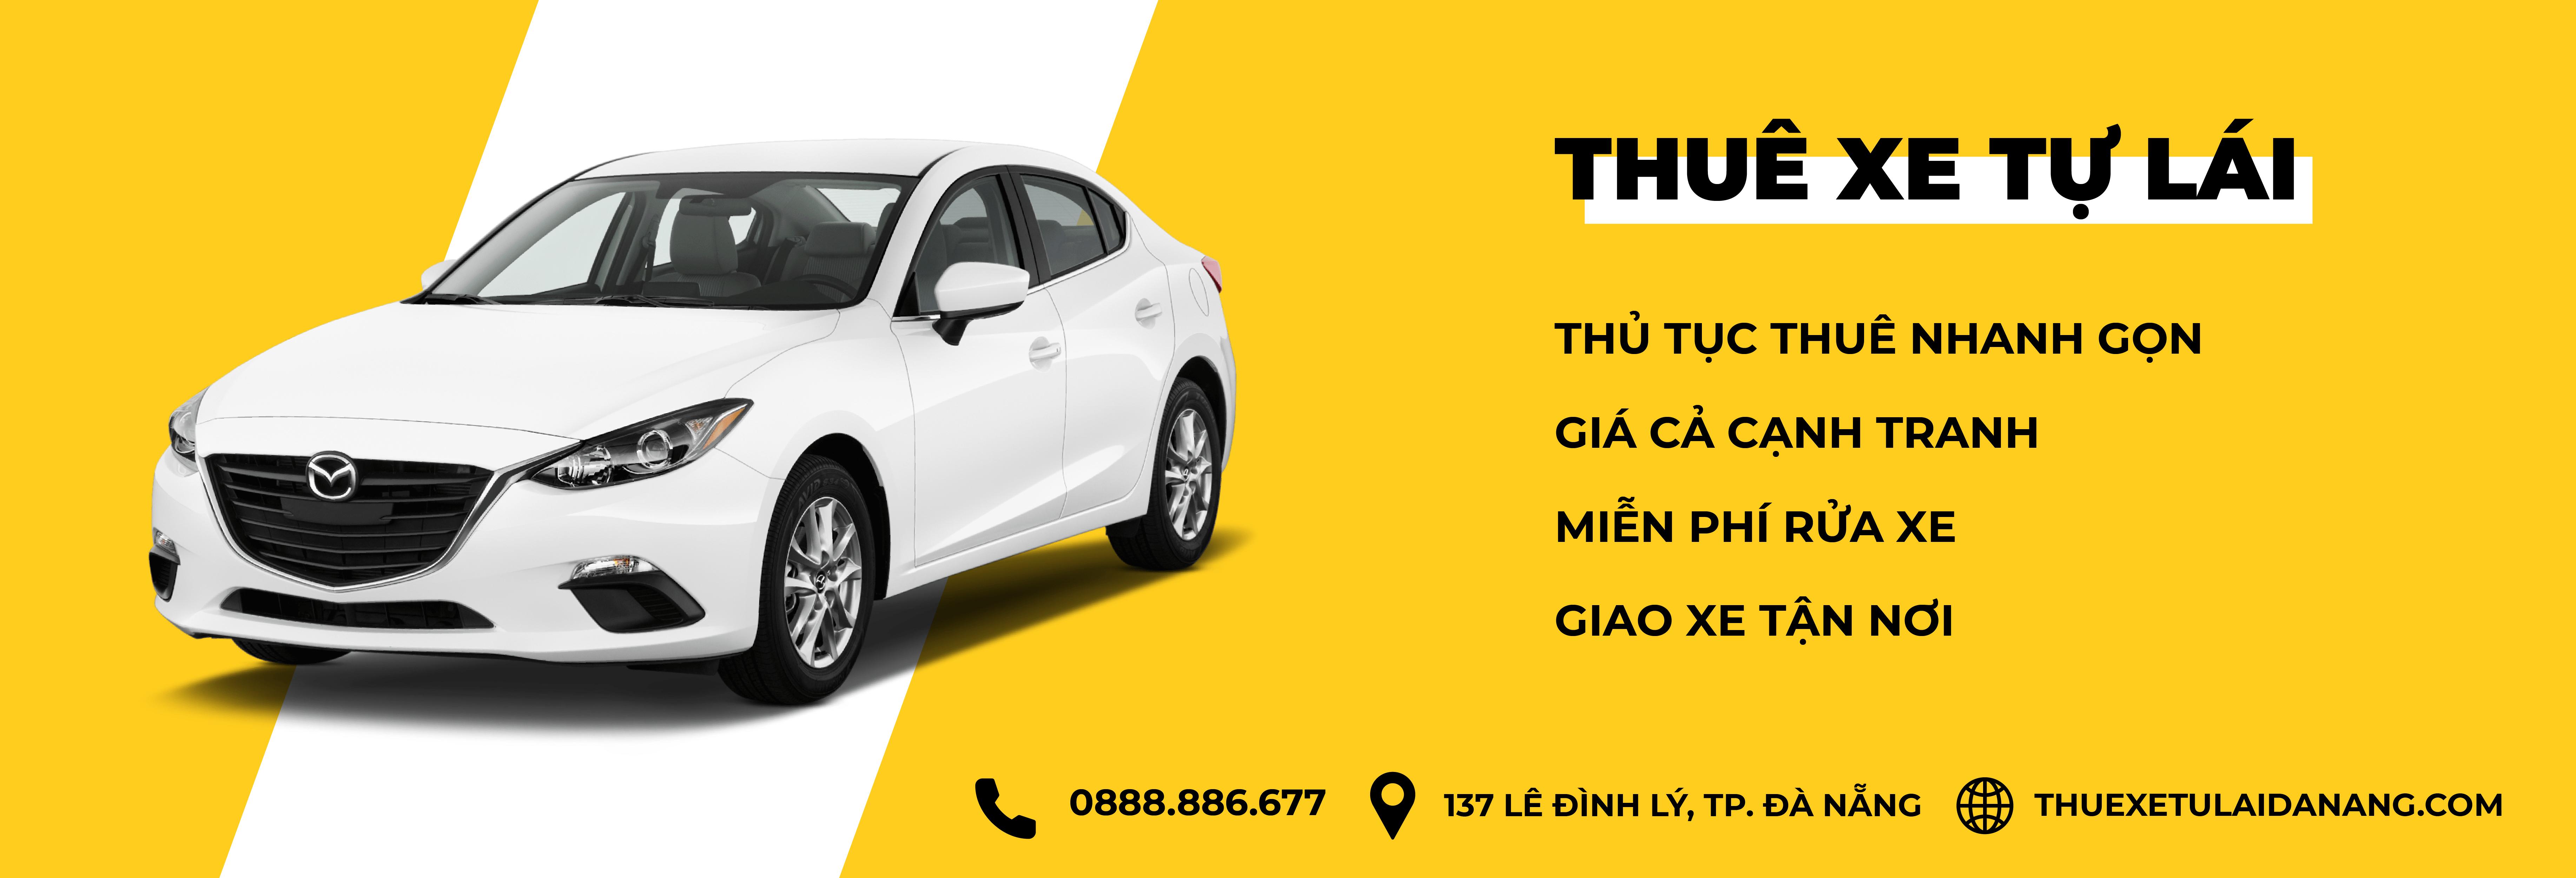 Địa chỉ thuê xe tự lái Đà Nẵng